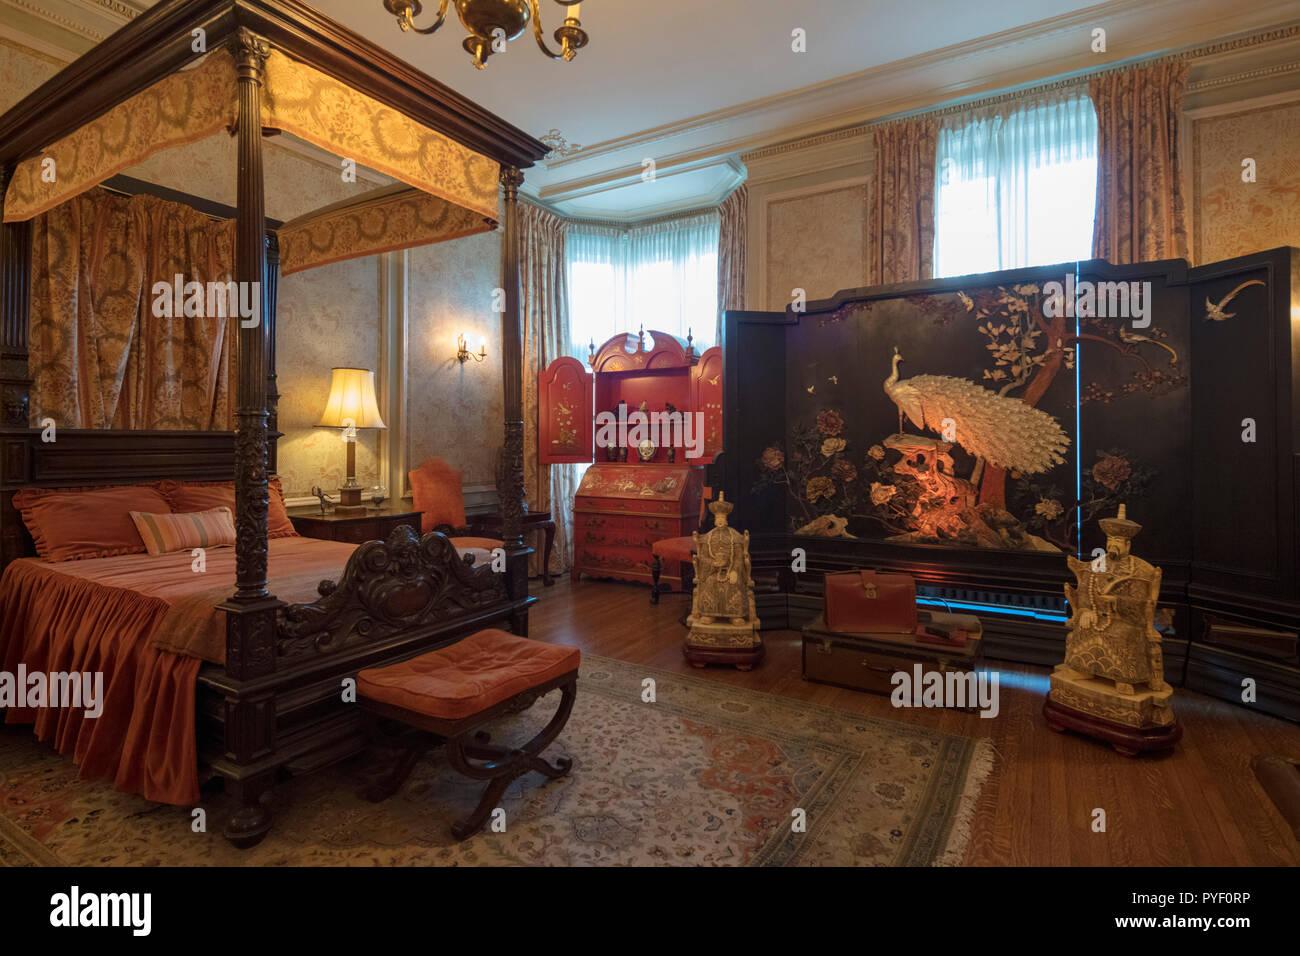 Camera Per Ospiti : Camera per ospiti in stile cinese casa loma revival gotico